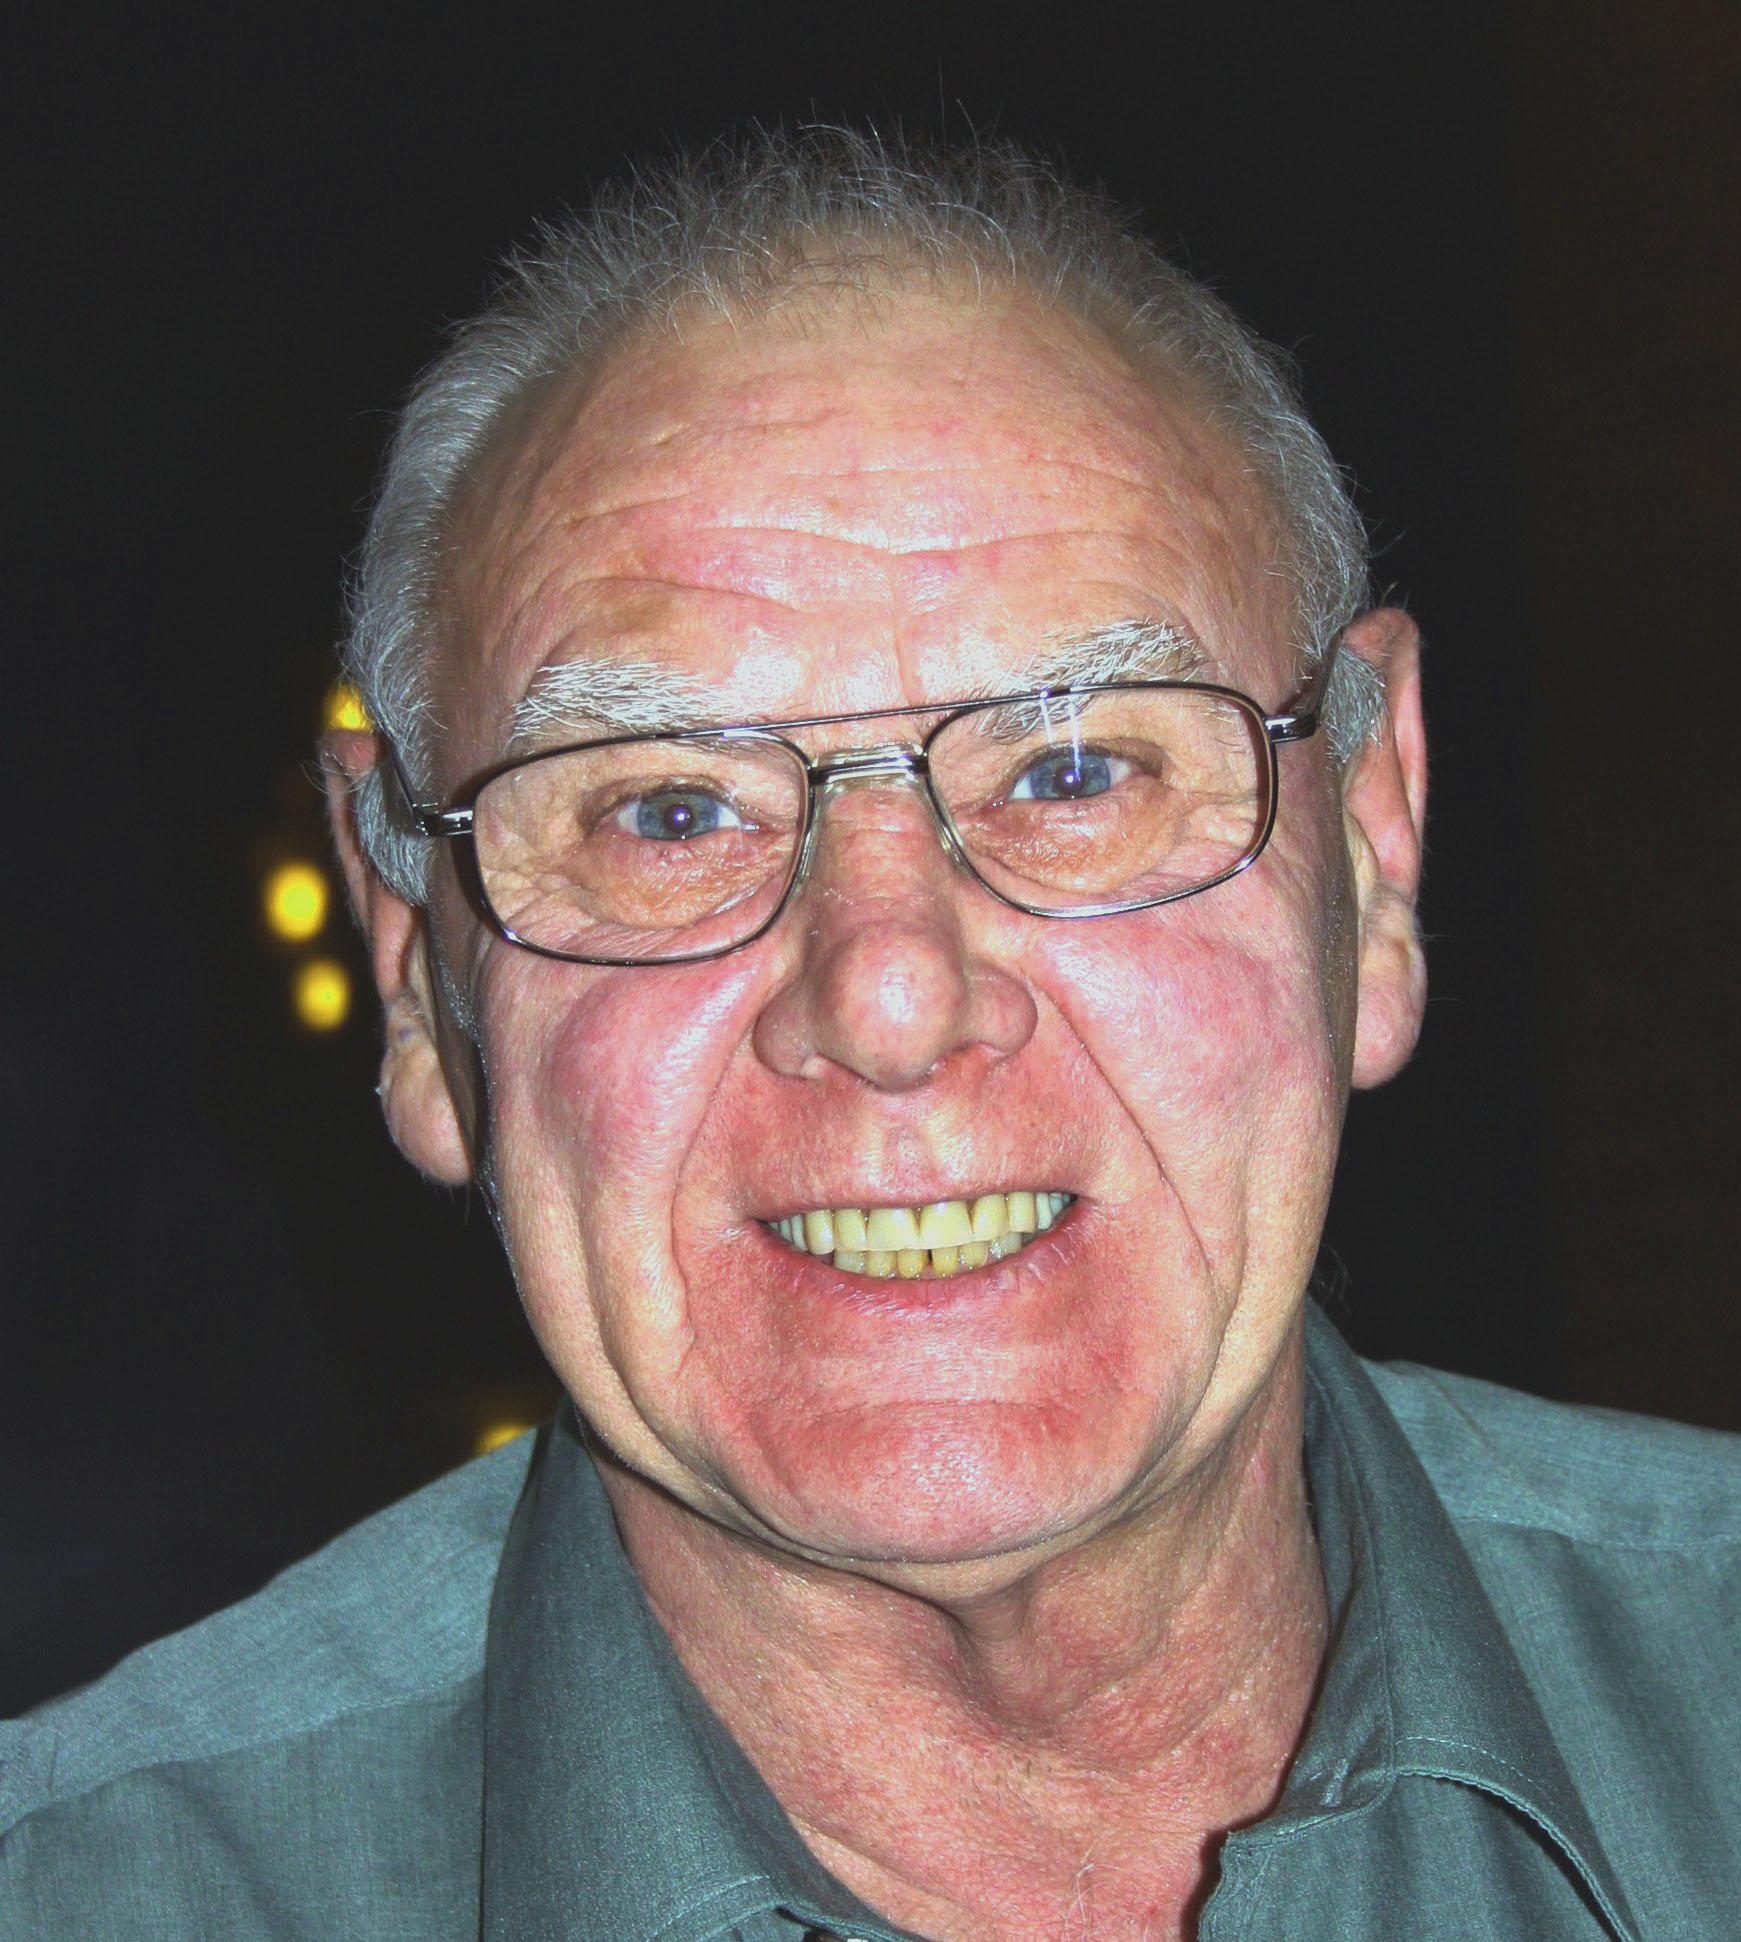 B1 - Jim Ferrabee